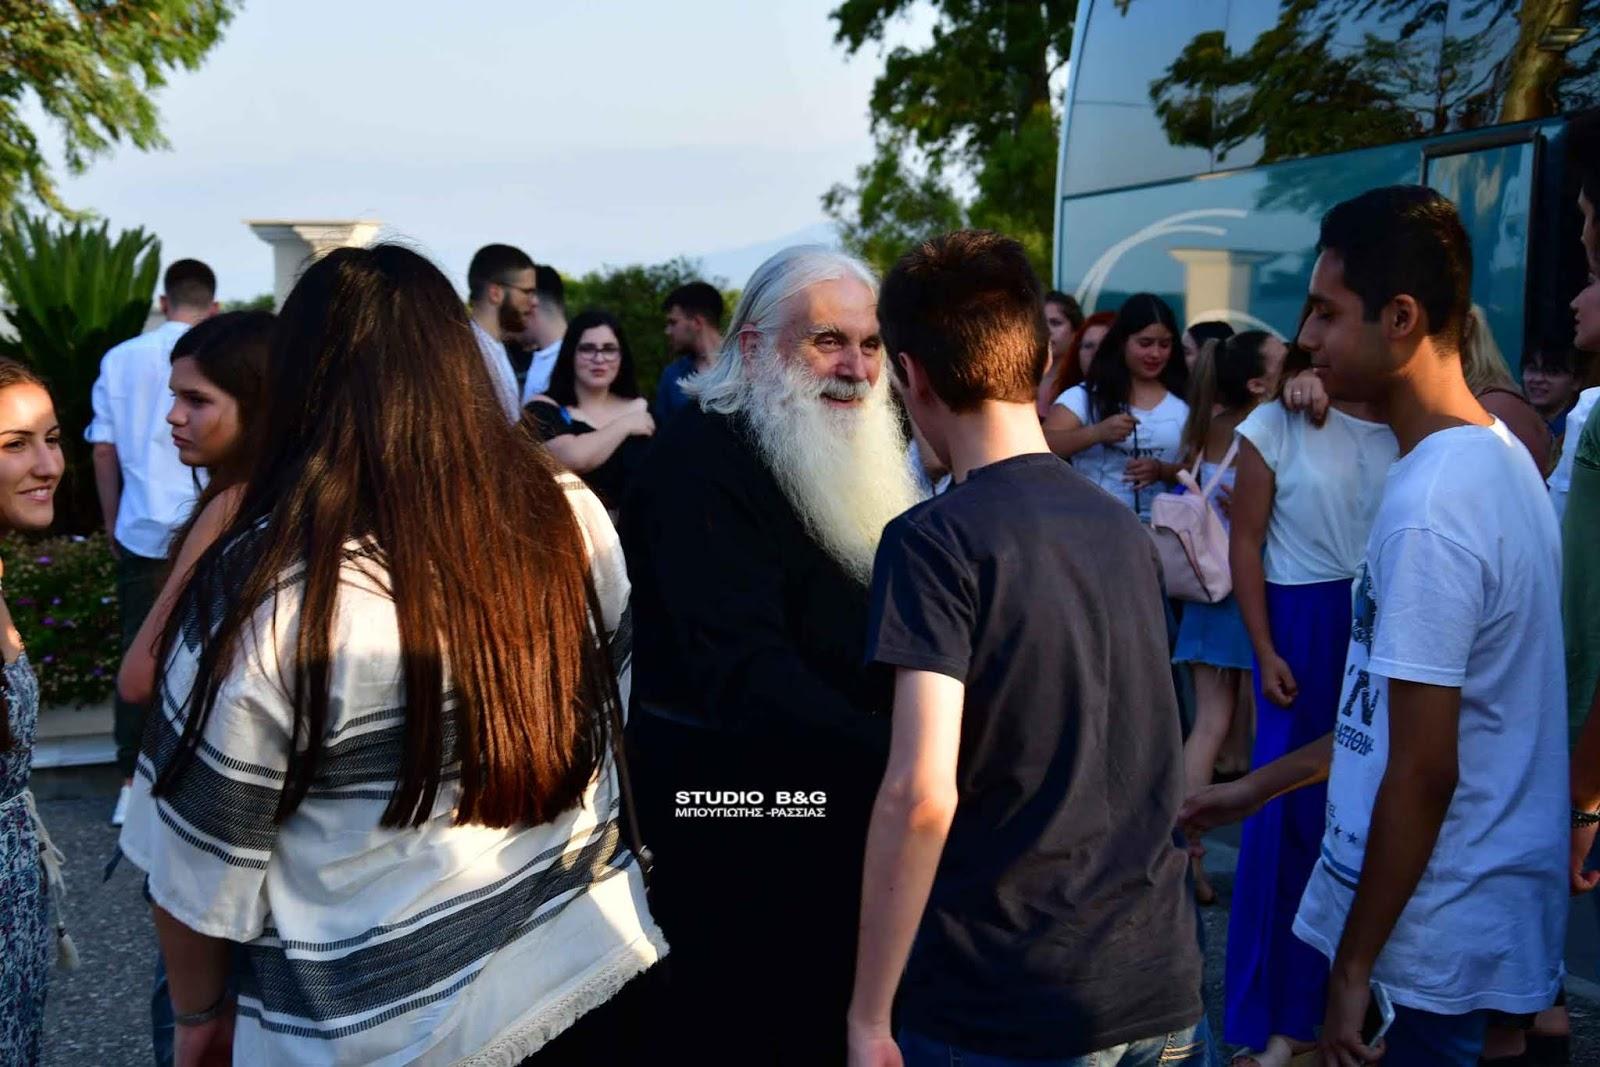 Τους αποφοίτους μαθητές δεξιώθηκε ο Μητροπολίτης Αργολίδος